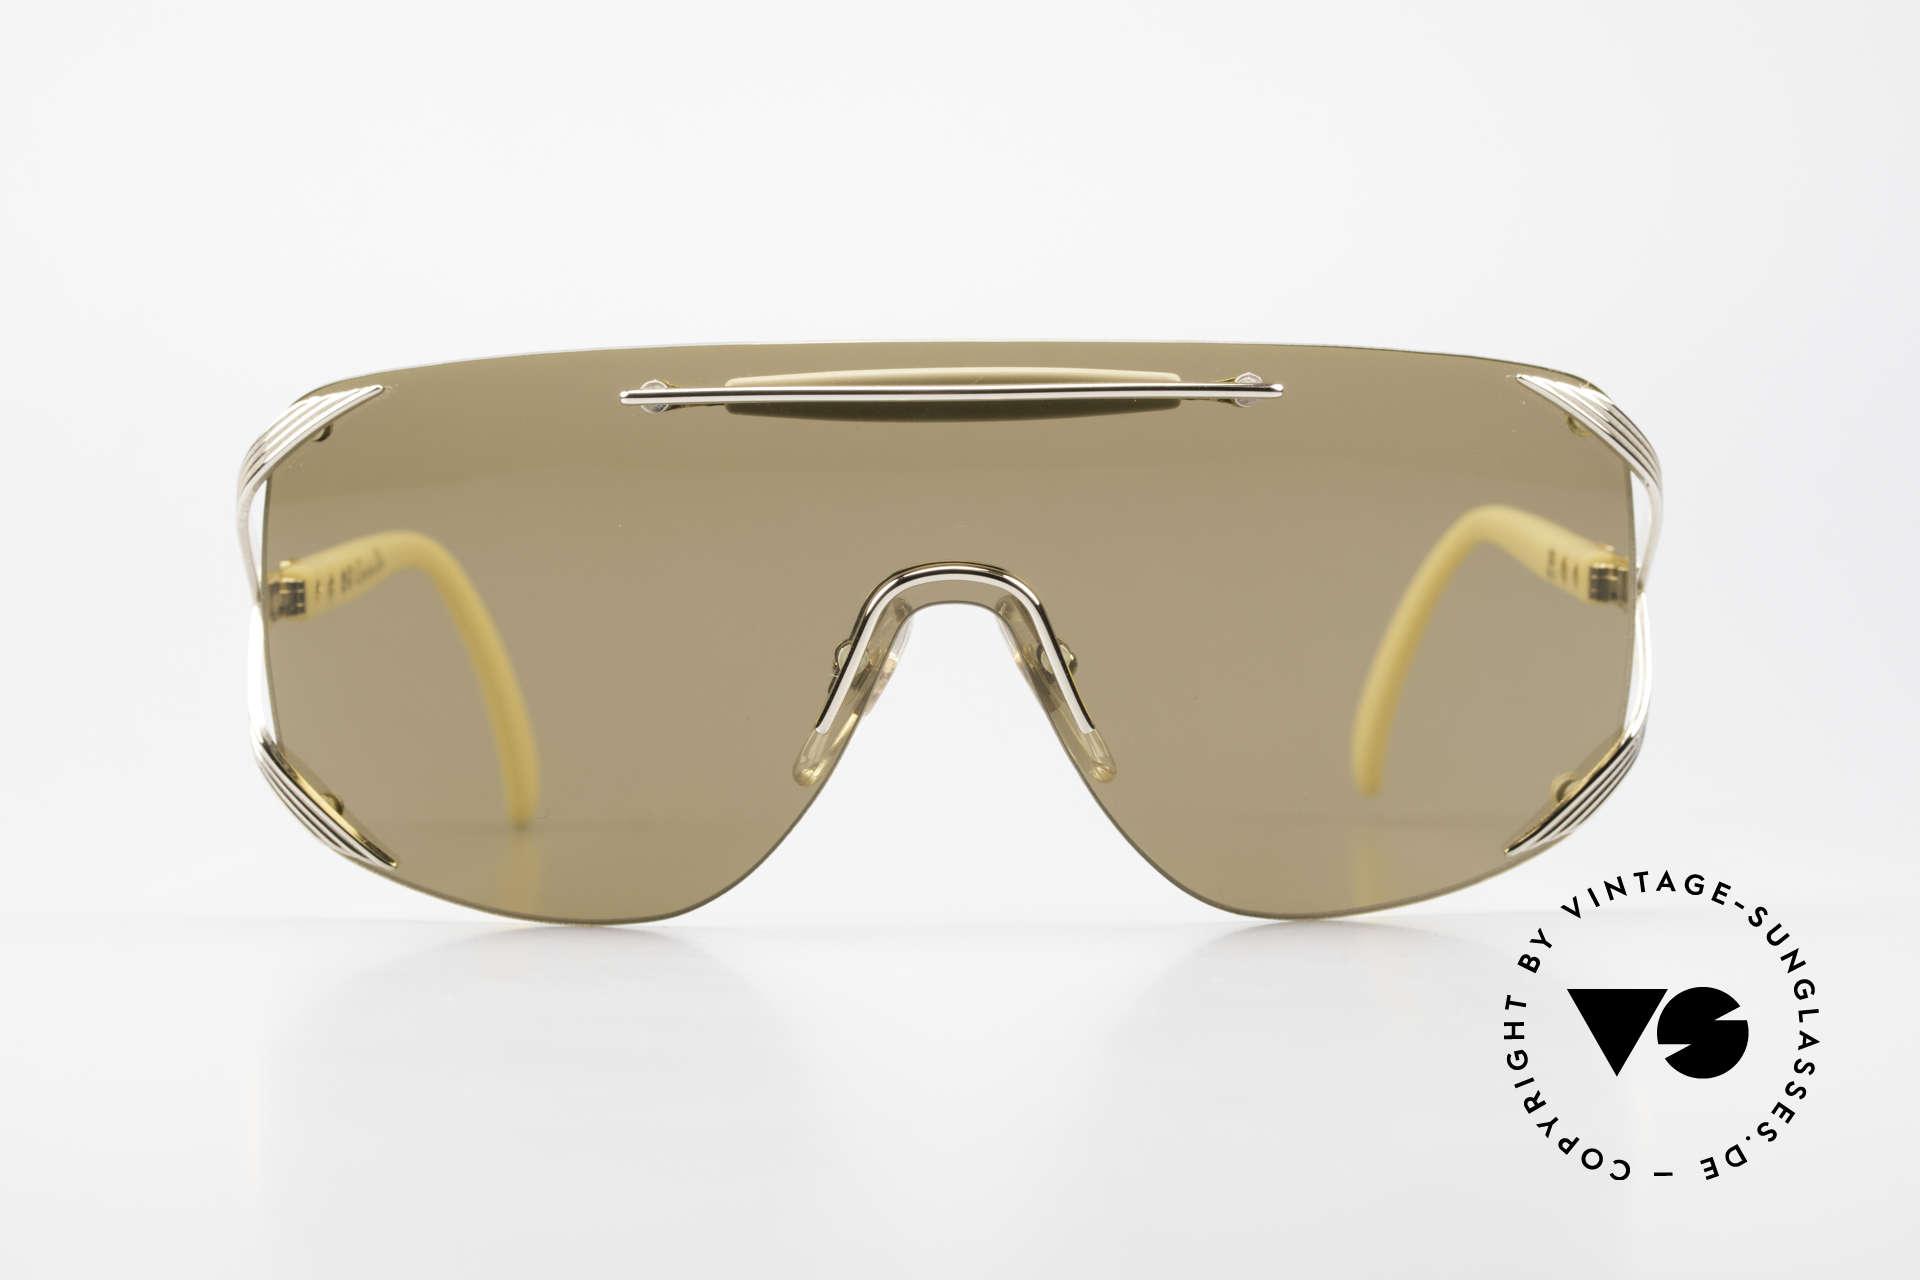 Christian Dior 2434 Designerbrille Shield Maske, ein durchgehendes Glas für einen Panorama View, Passend für Damen